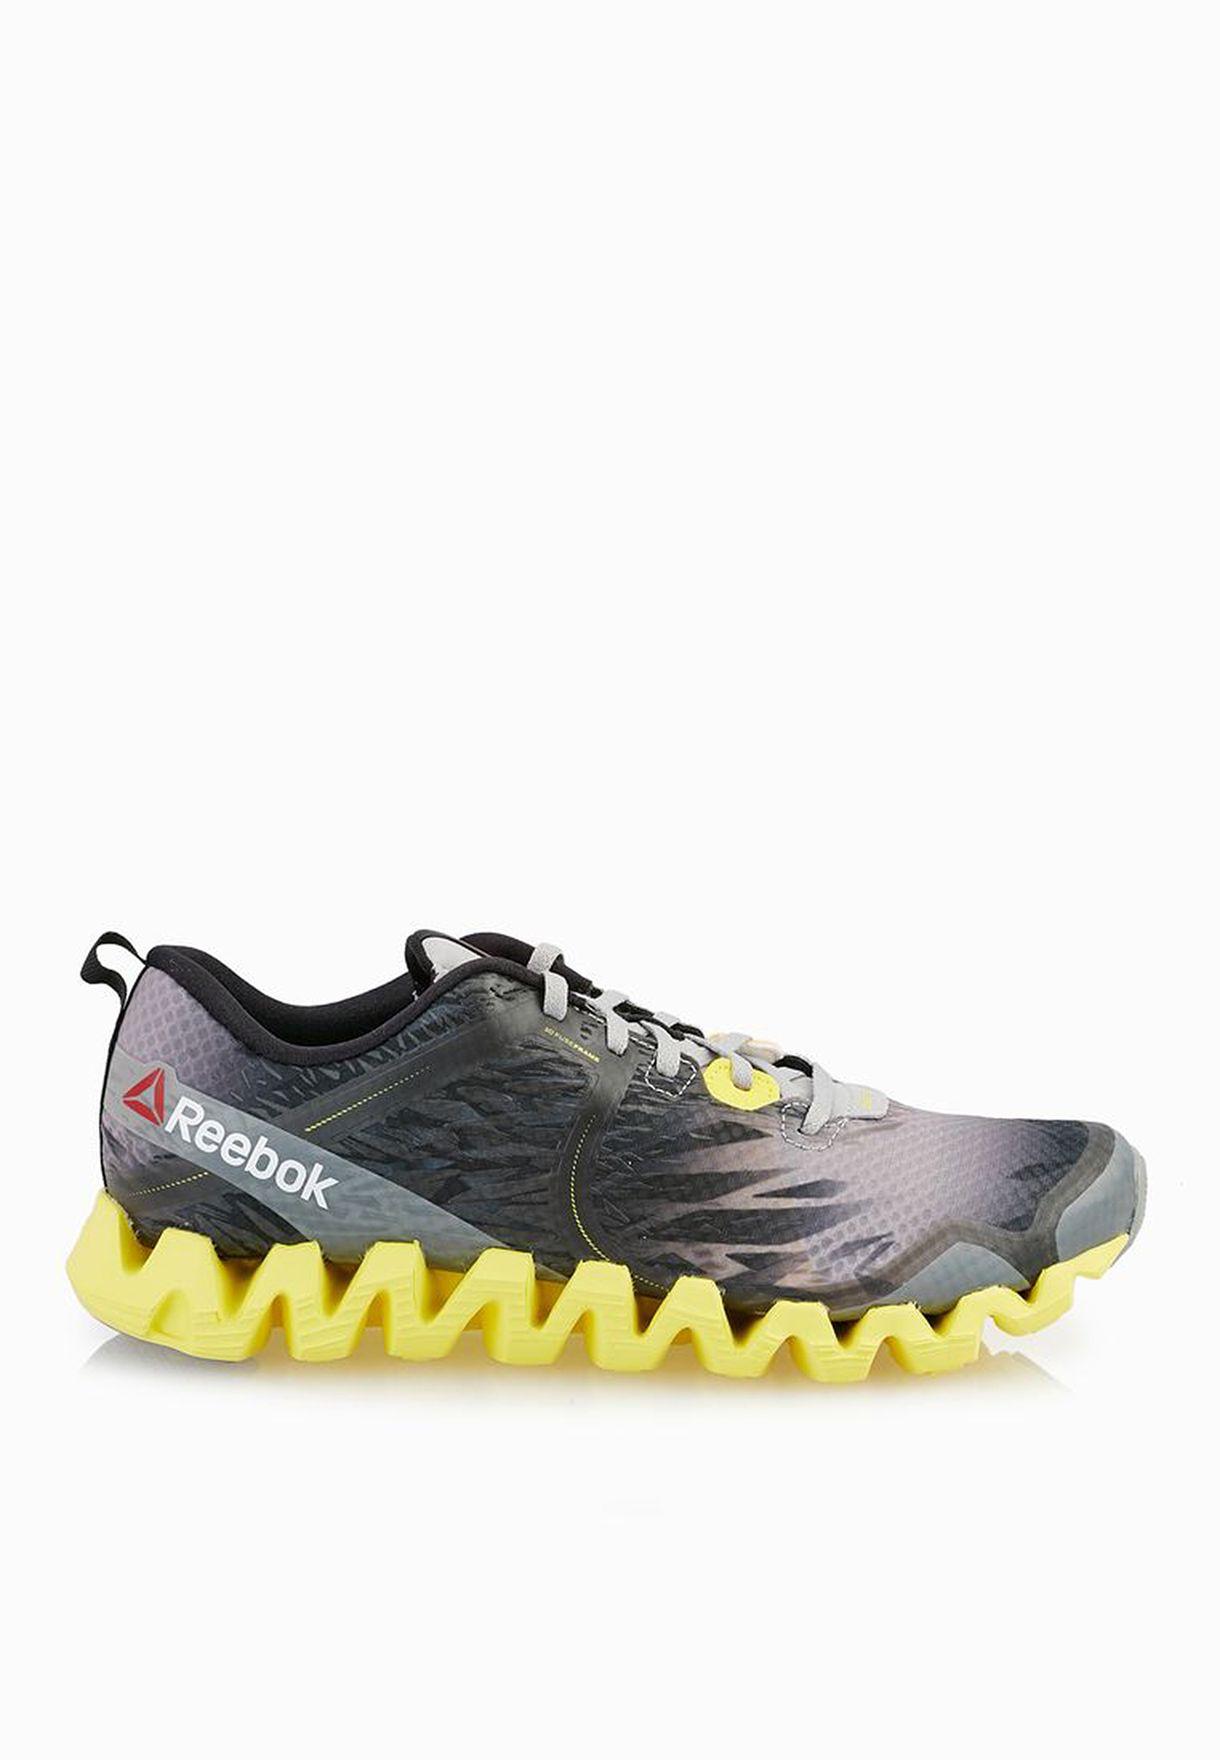 286accbf2 تسوق حذاء رياضة Zig Squared Cruz ماركة ريبوك لون رمادي V67973 في ...